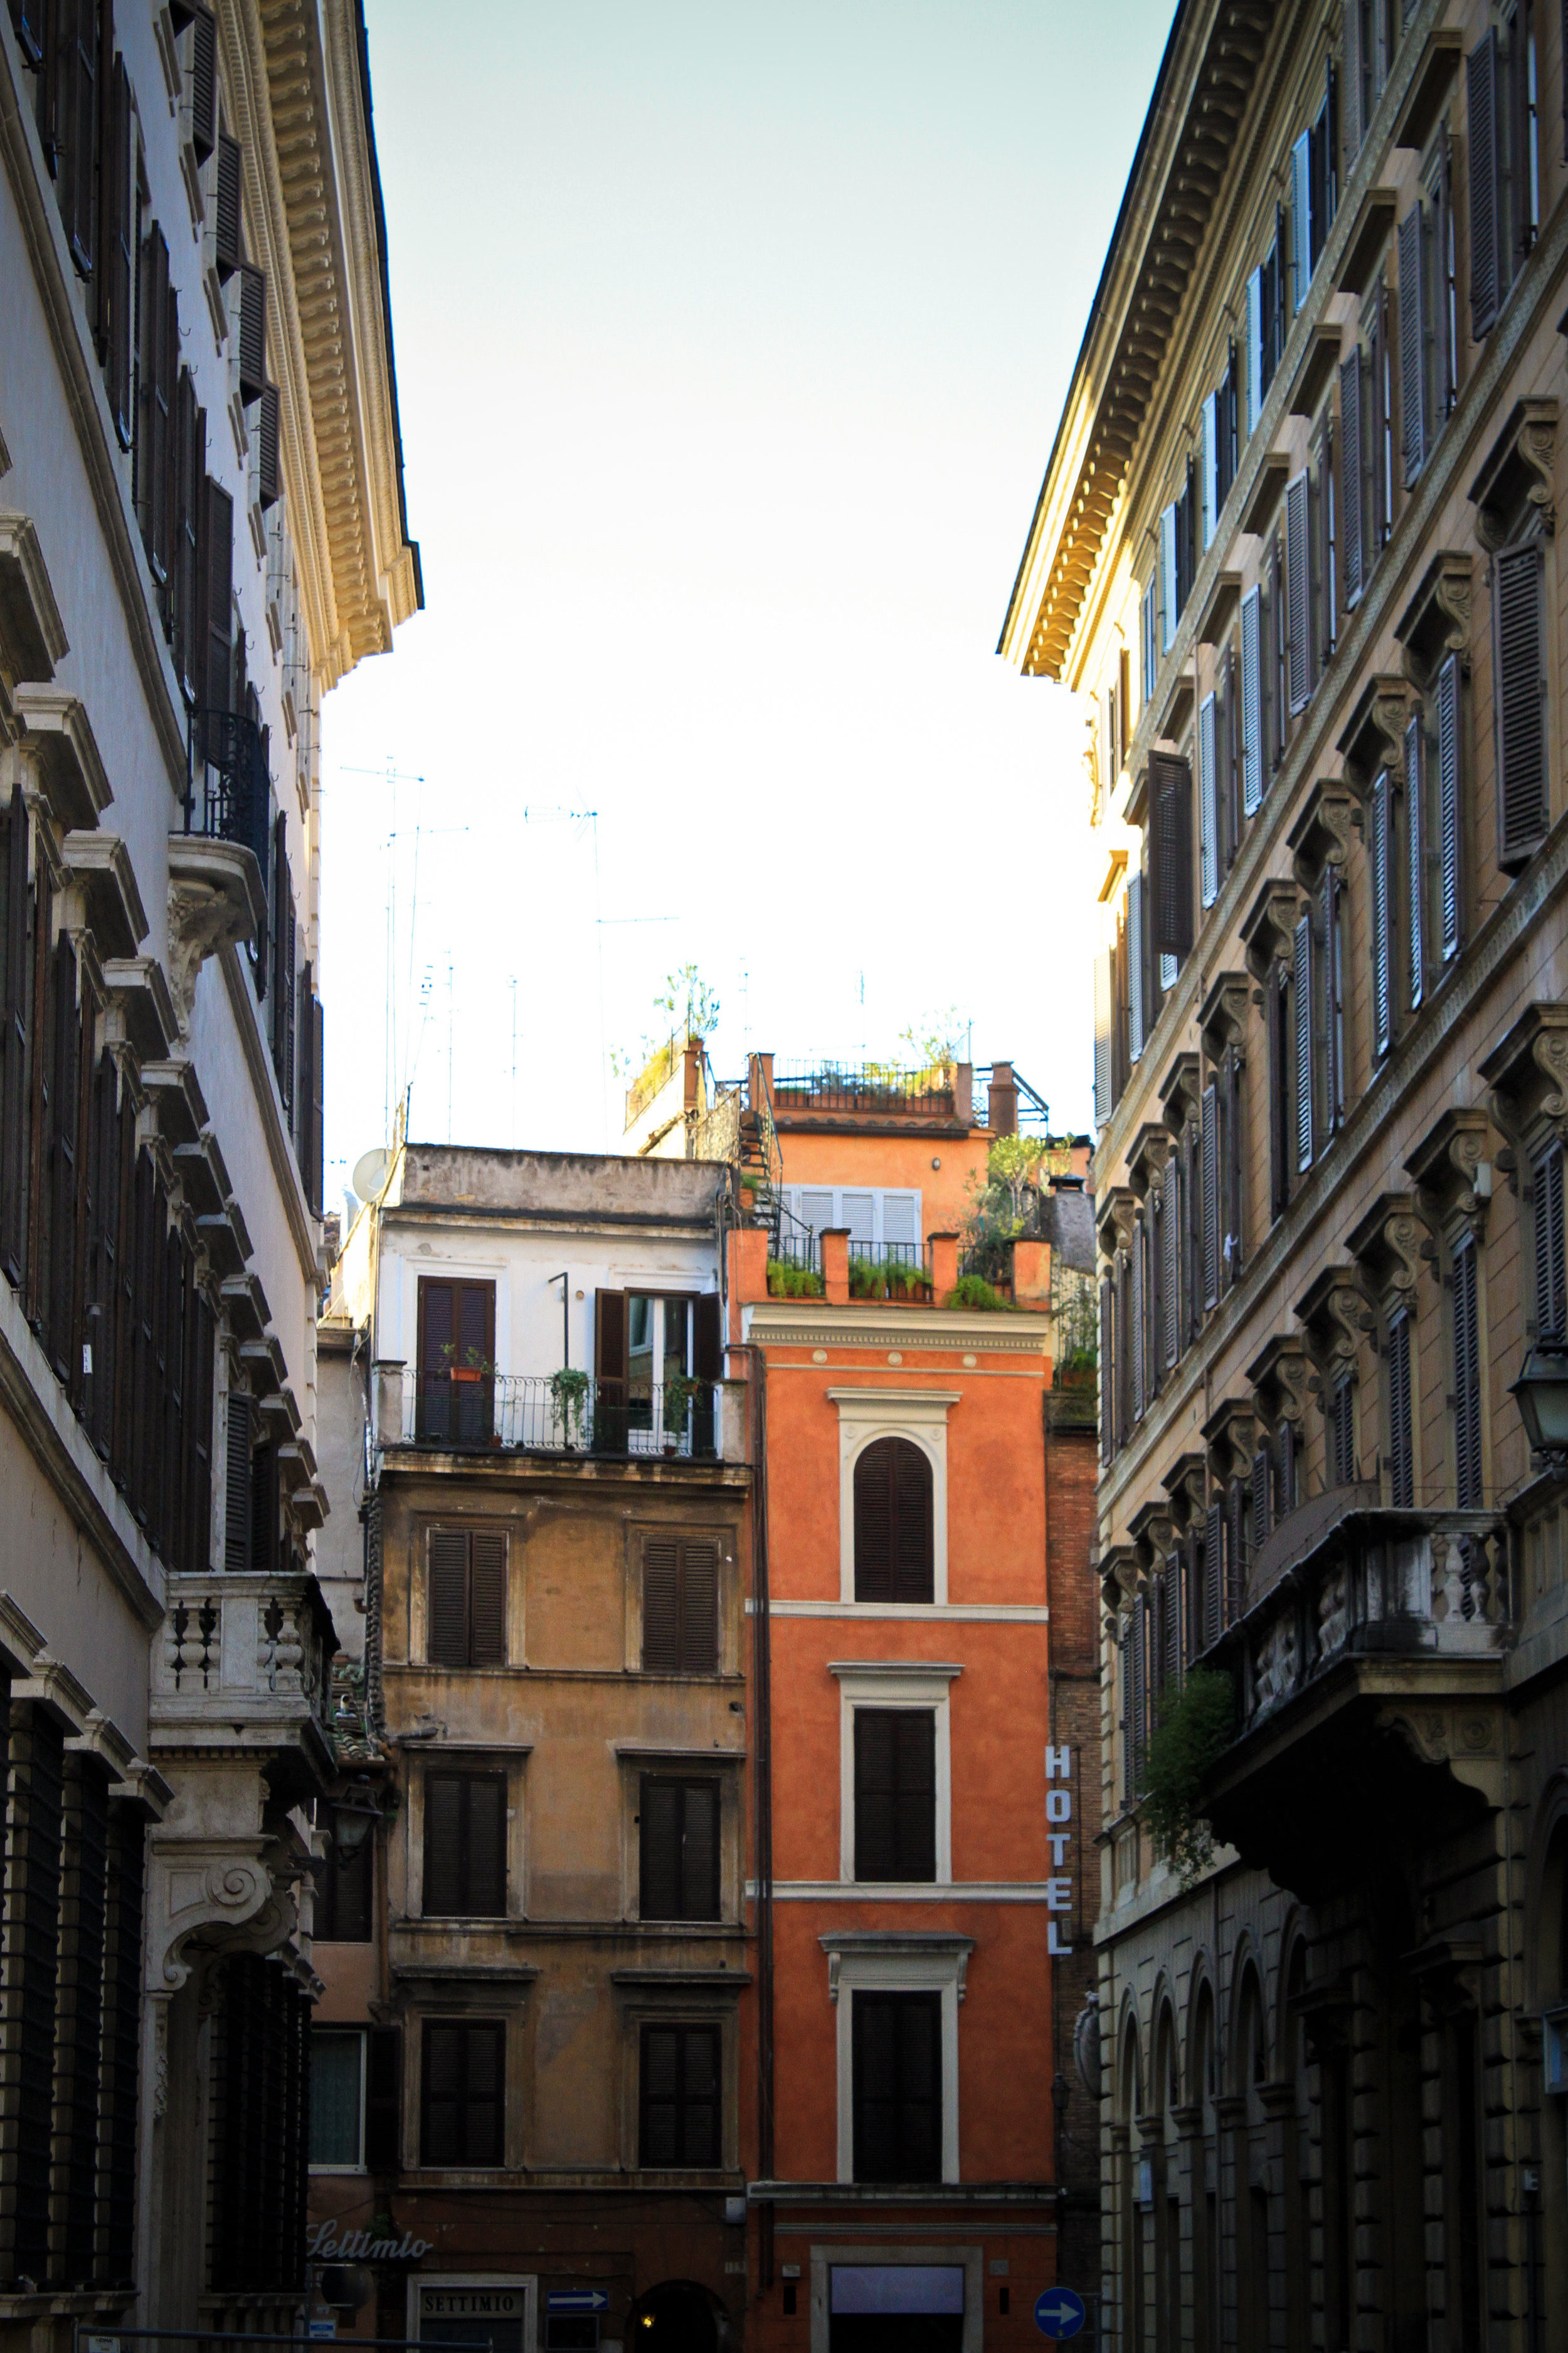 Rome, Italy, November 2015